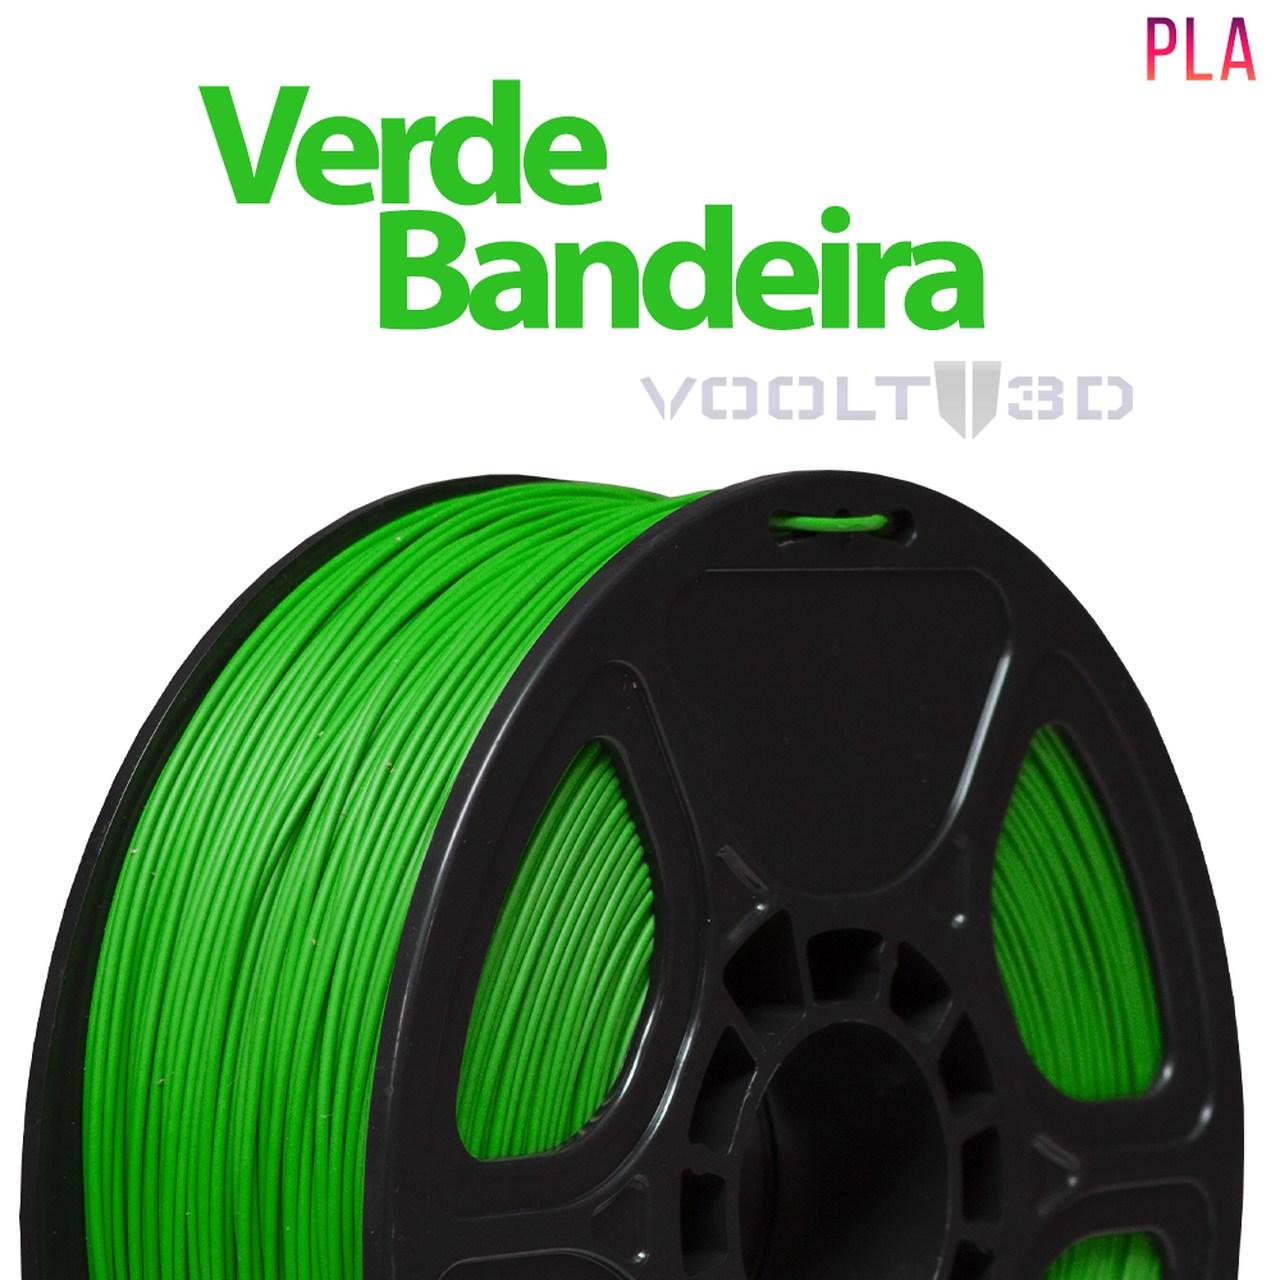 Filamento PLA - Verde Bandeira - Voolt - 1.75mm - 1kg